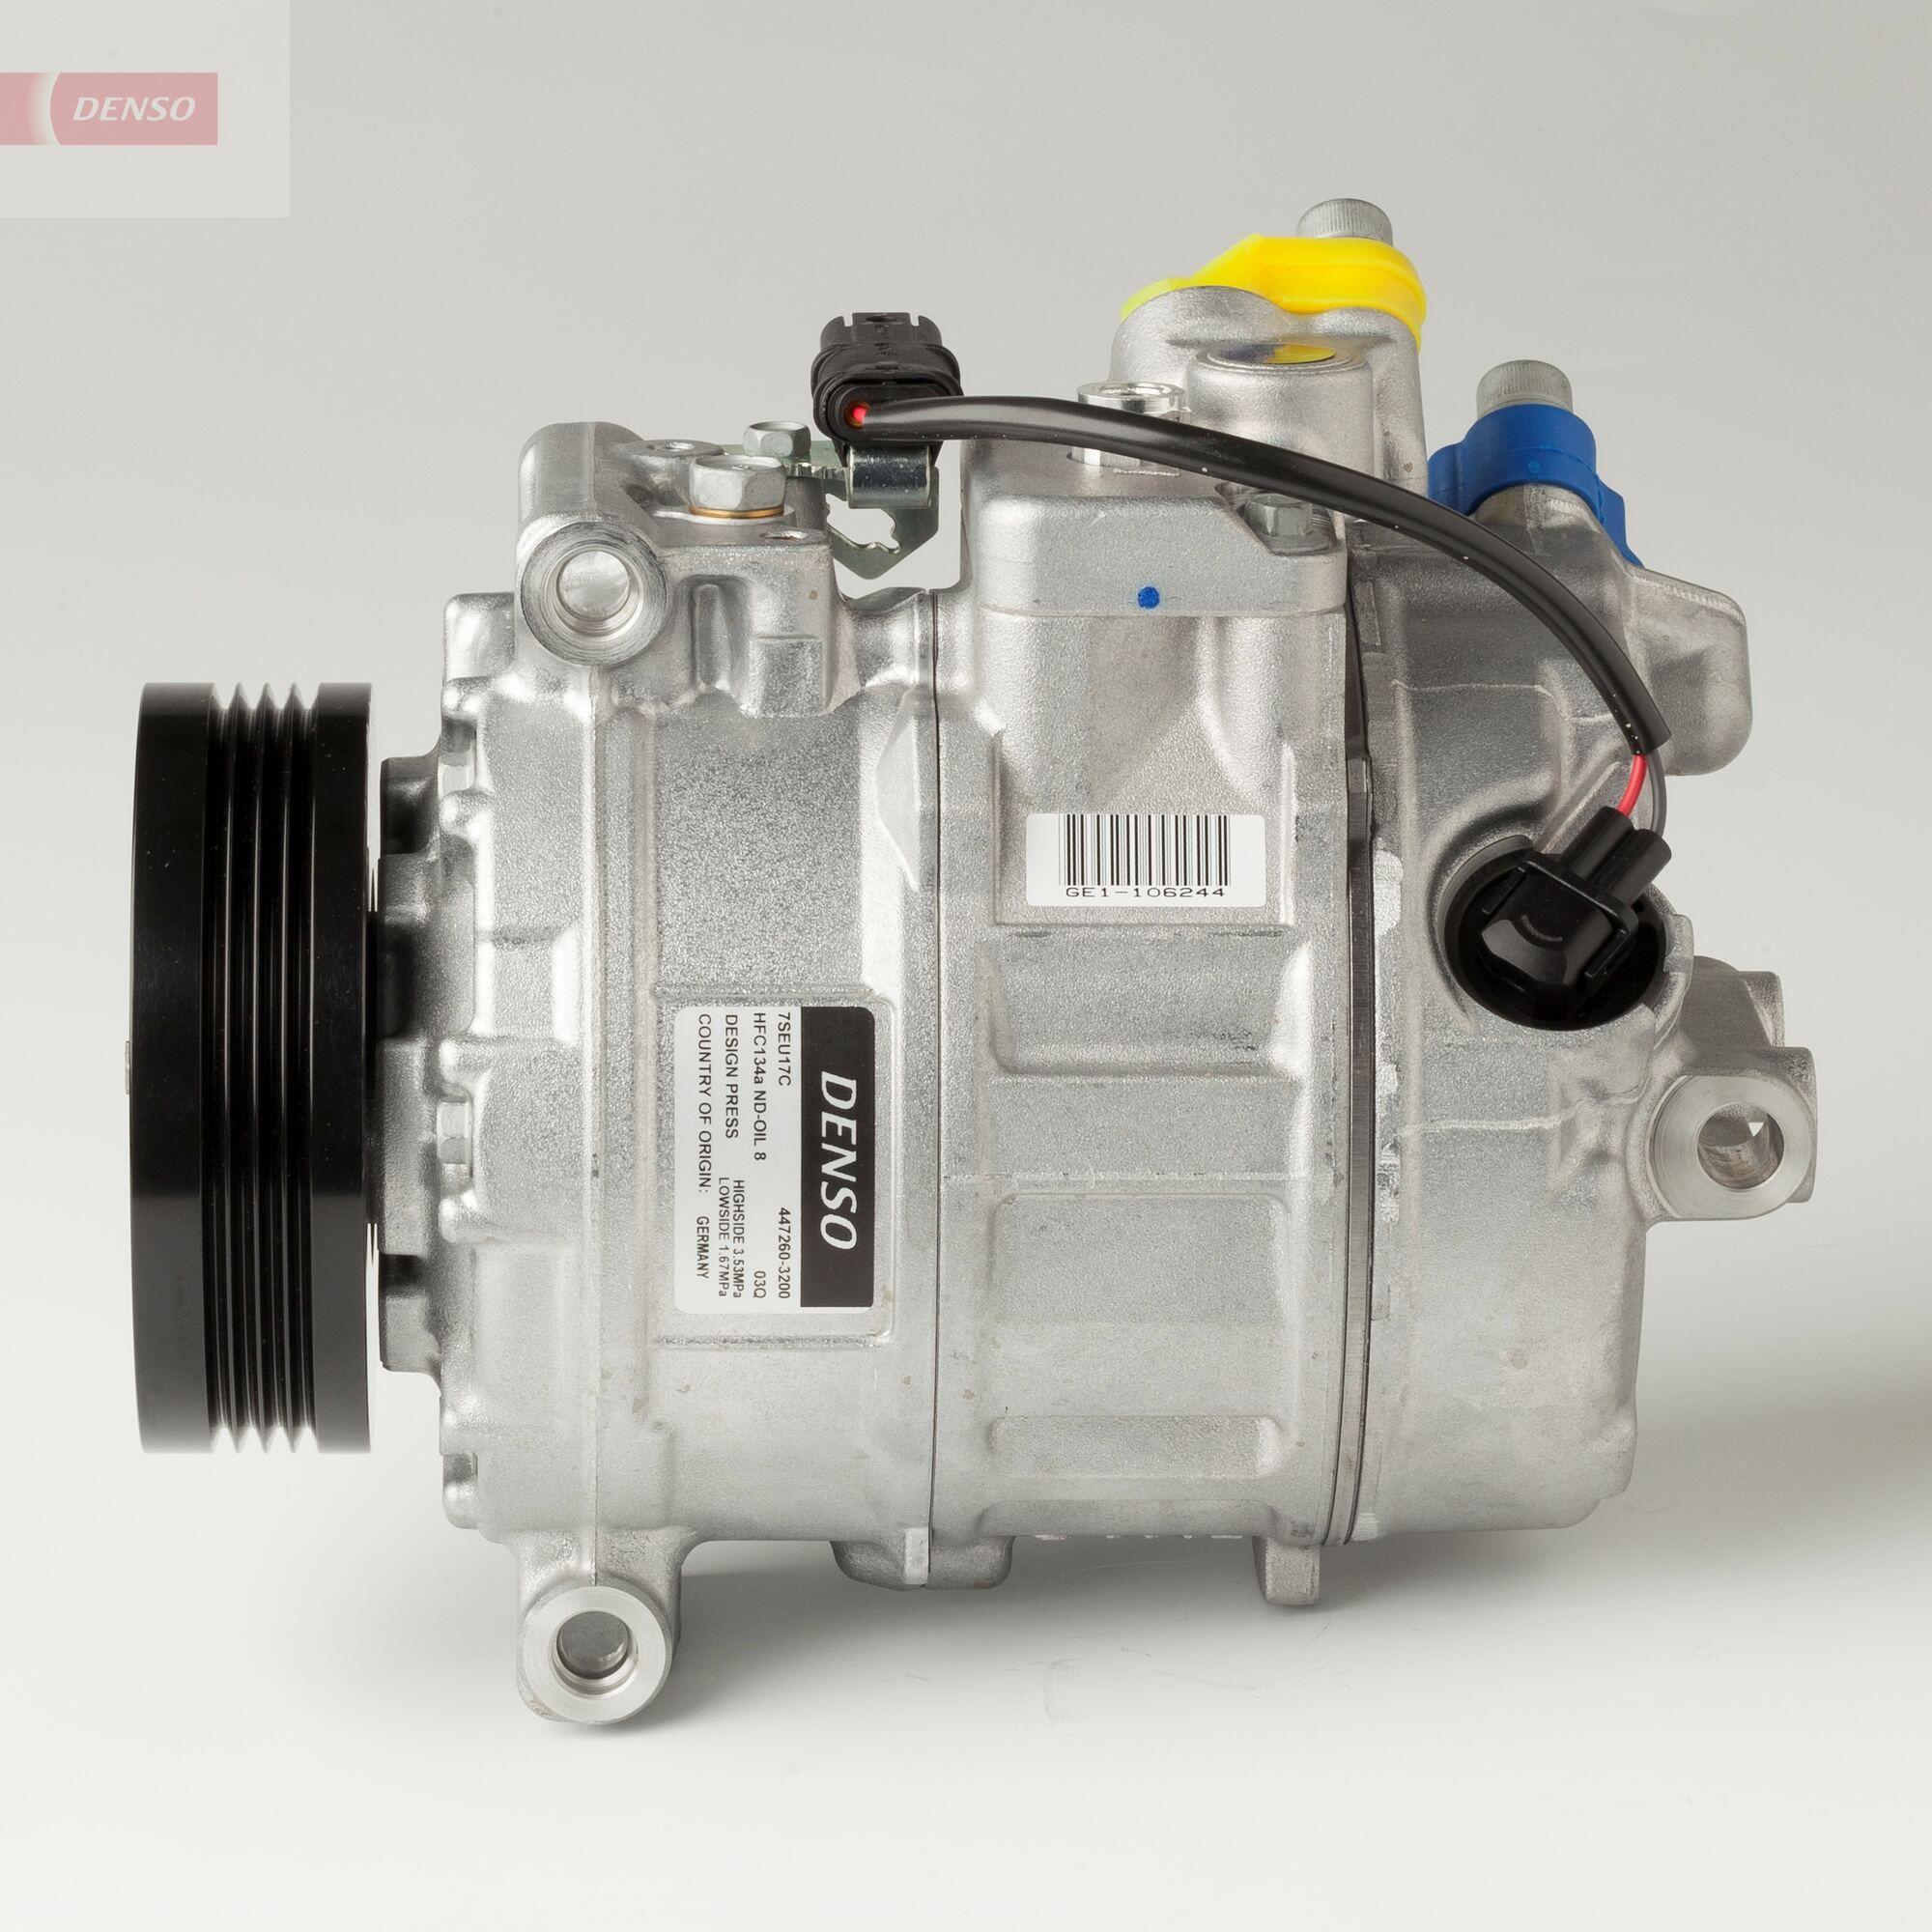 Kompressor DENSO DCP05092